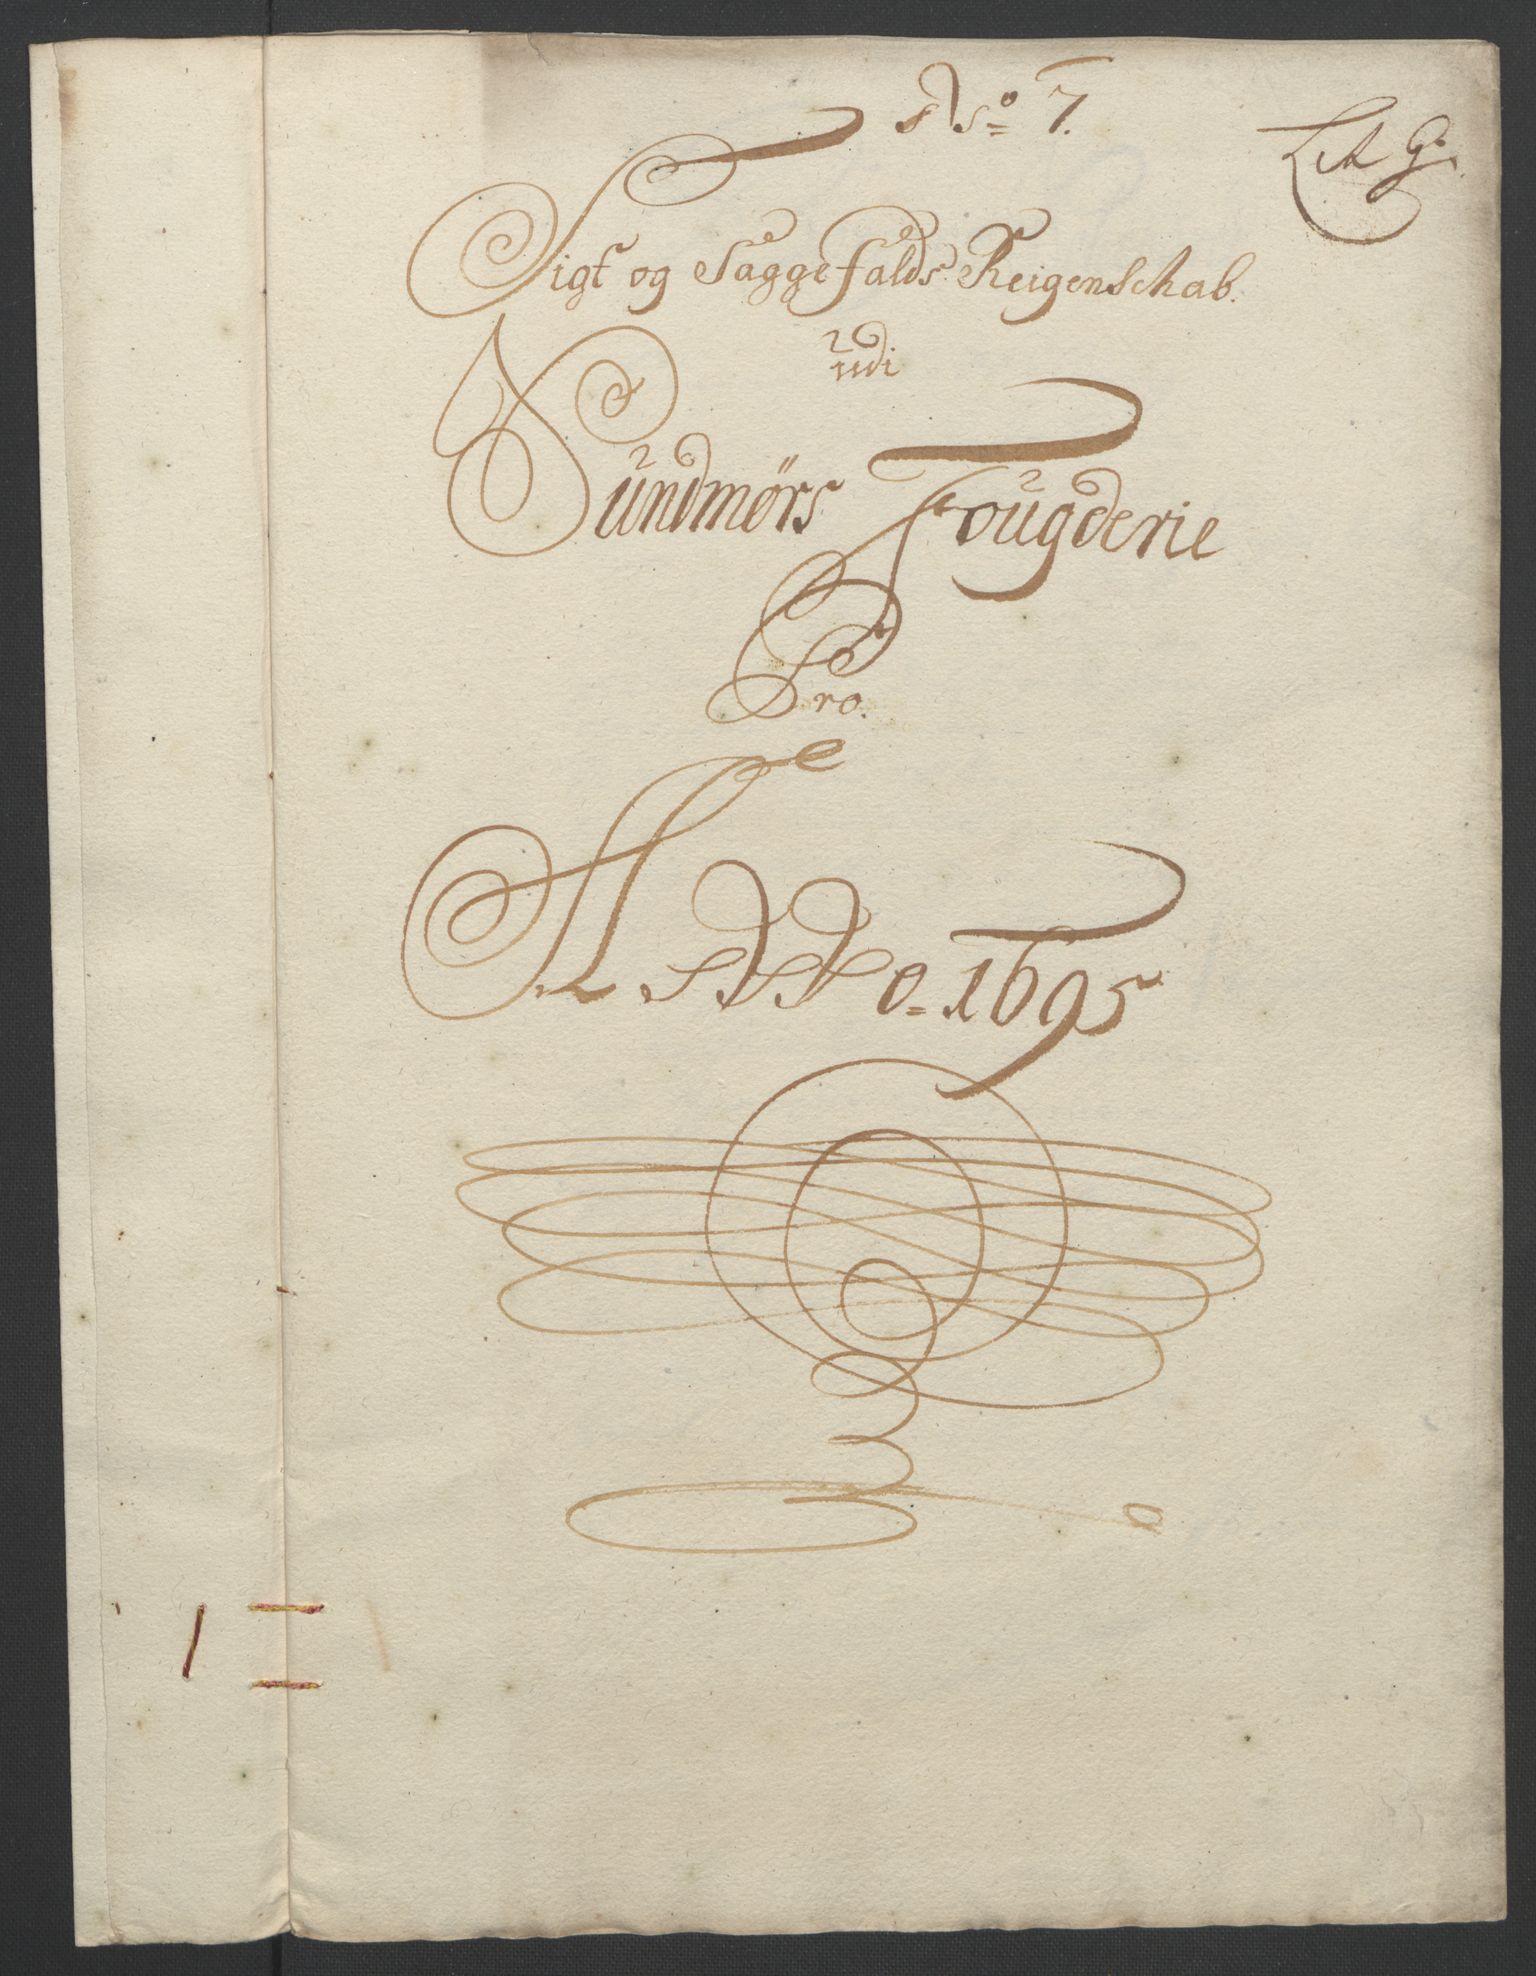 RA, Rentekammeret inntil 1814, Reviderte regnskaper, Fogderegnskap, R54/L3555: Fogderegnskap Sunnmøre, 1694-1695, s. 296